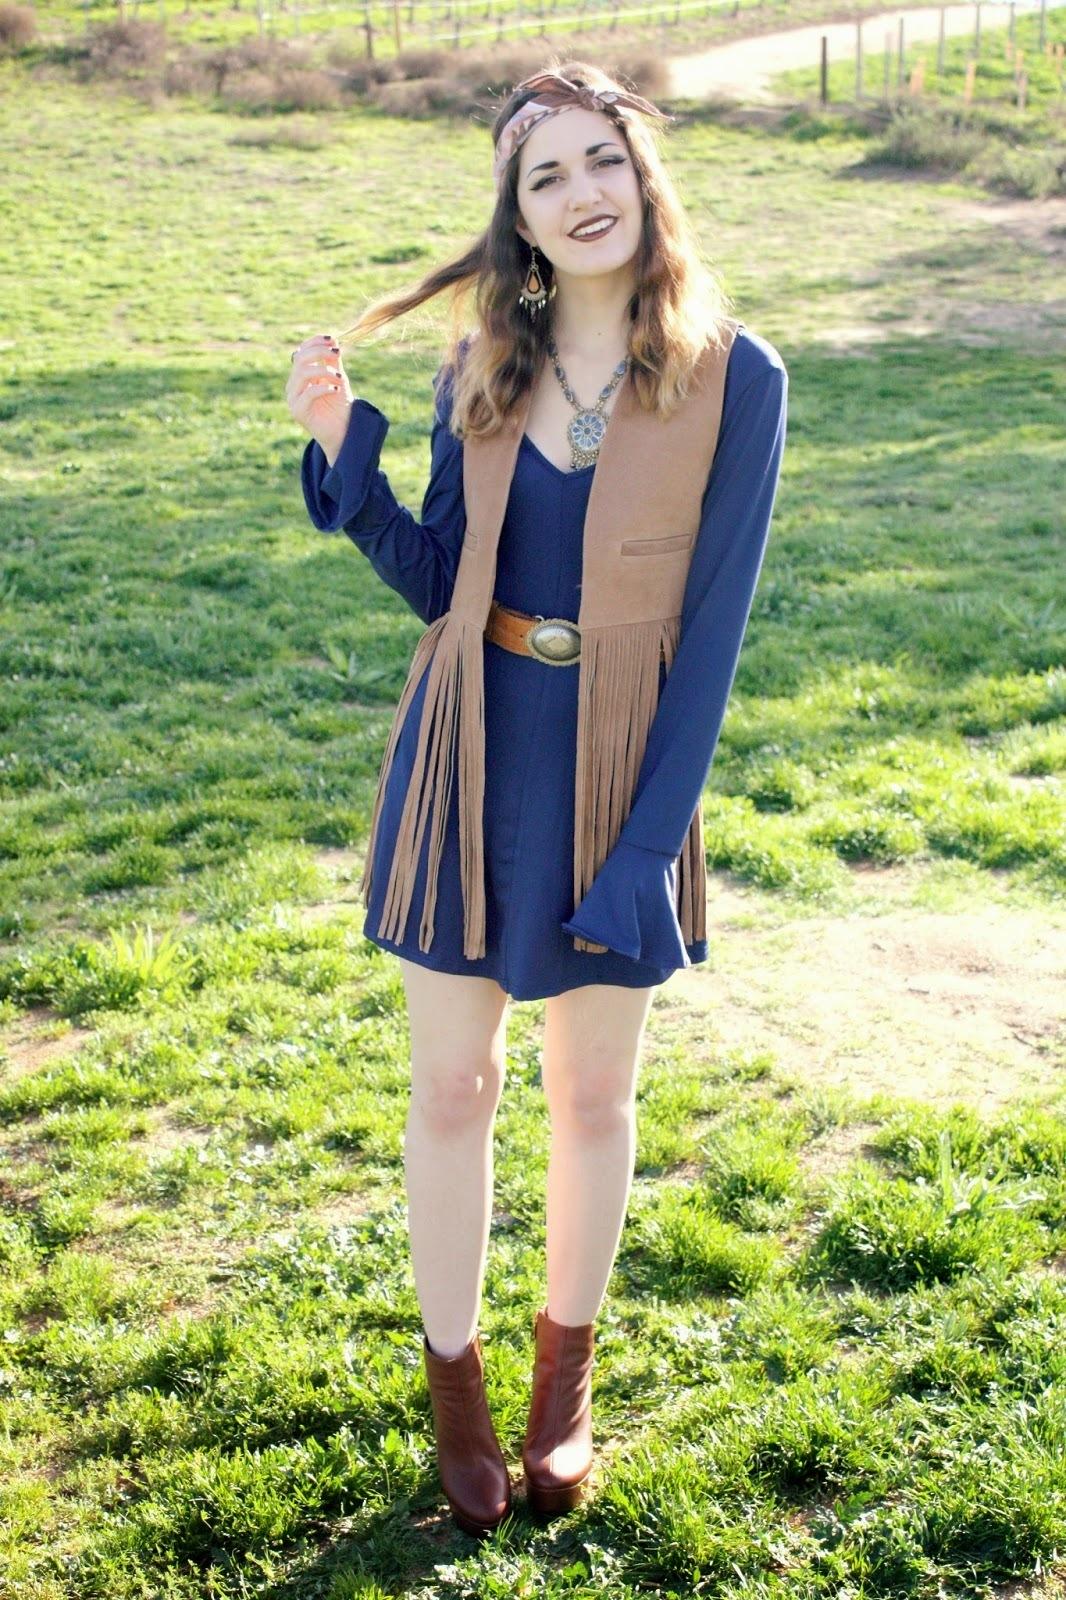 Blaues Kleid Braune Stiefel Abendkleider Beliebt In Deutschland 2018